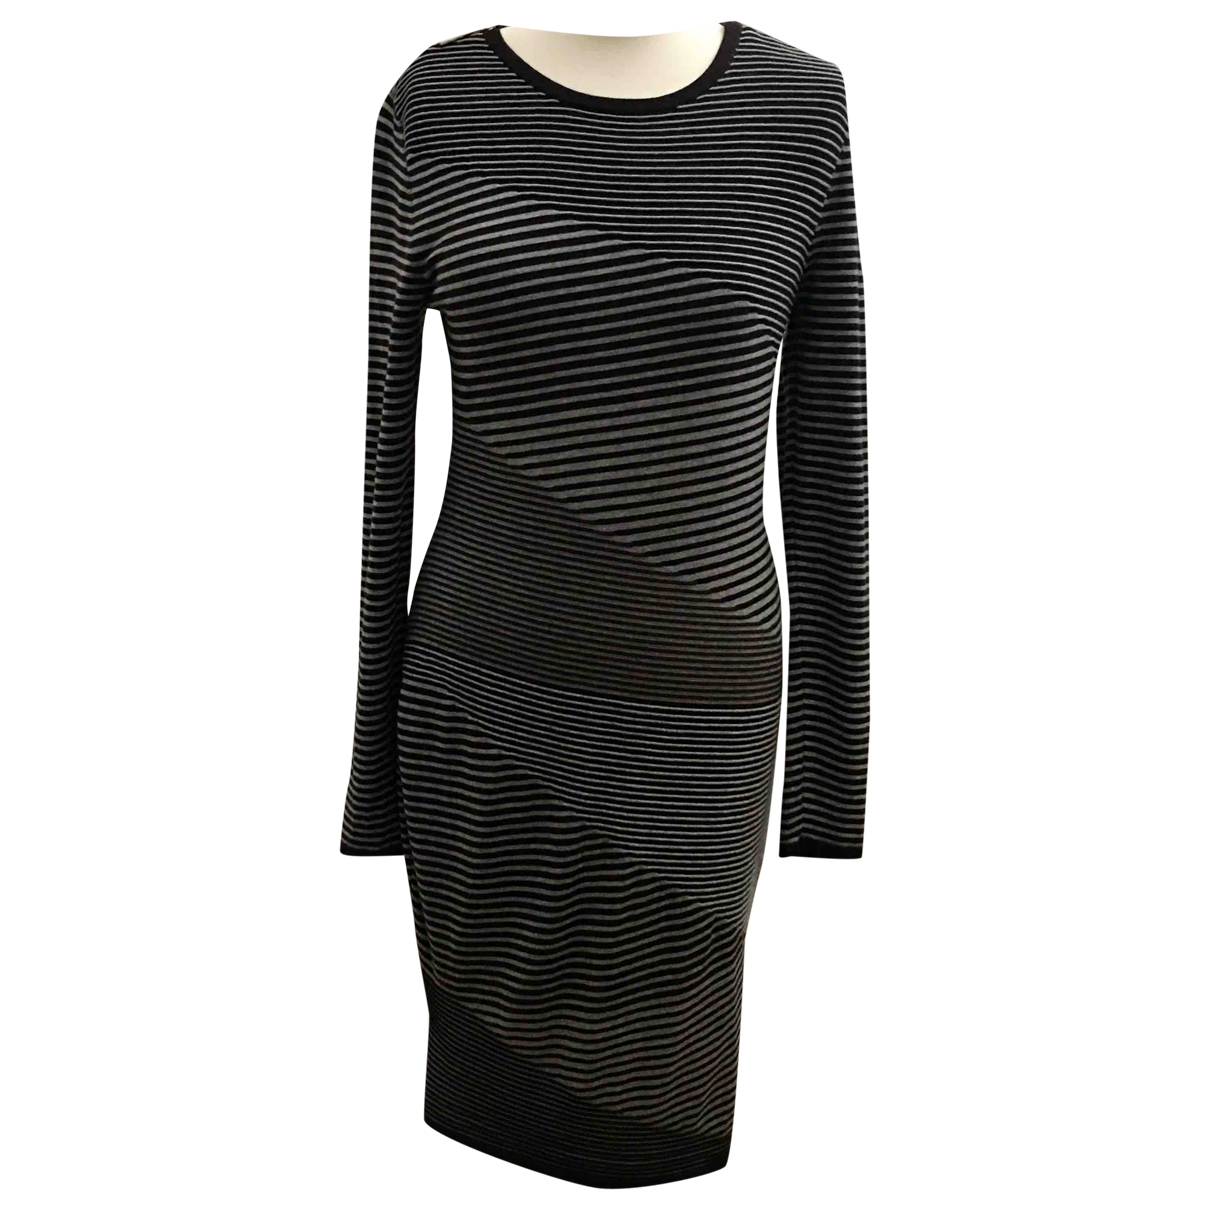 Michael Kors \N Kleid in  Grau Synthetik